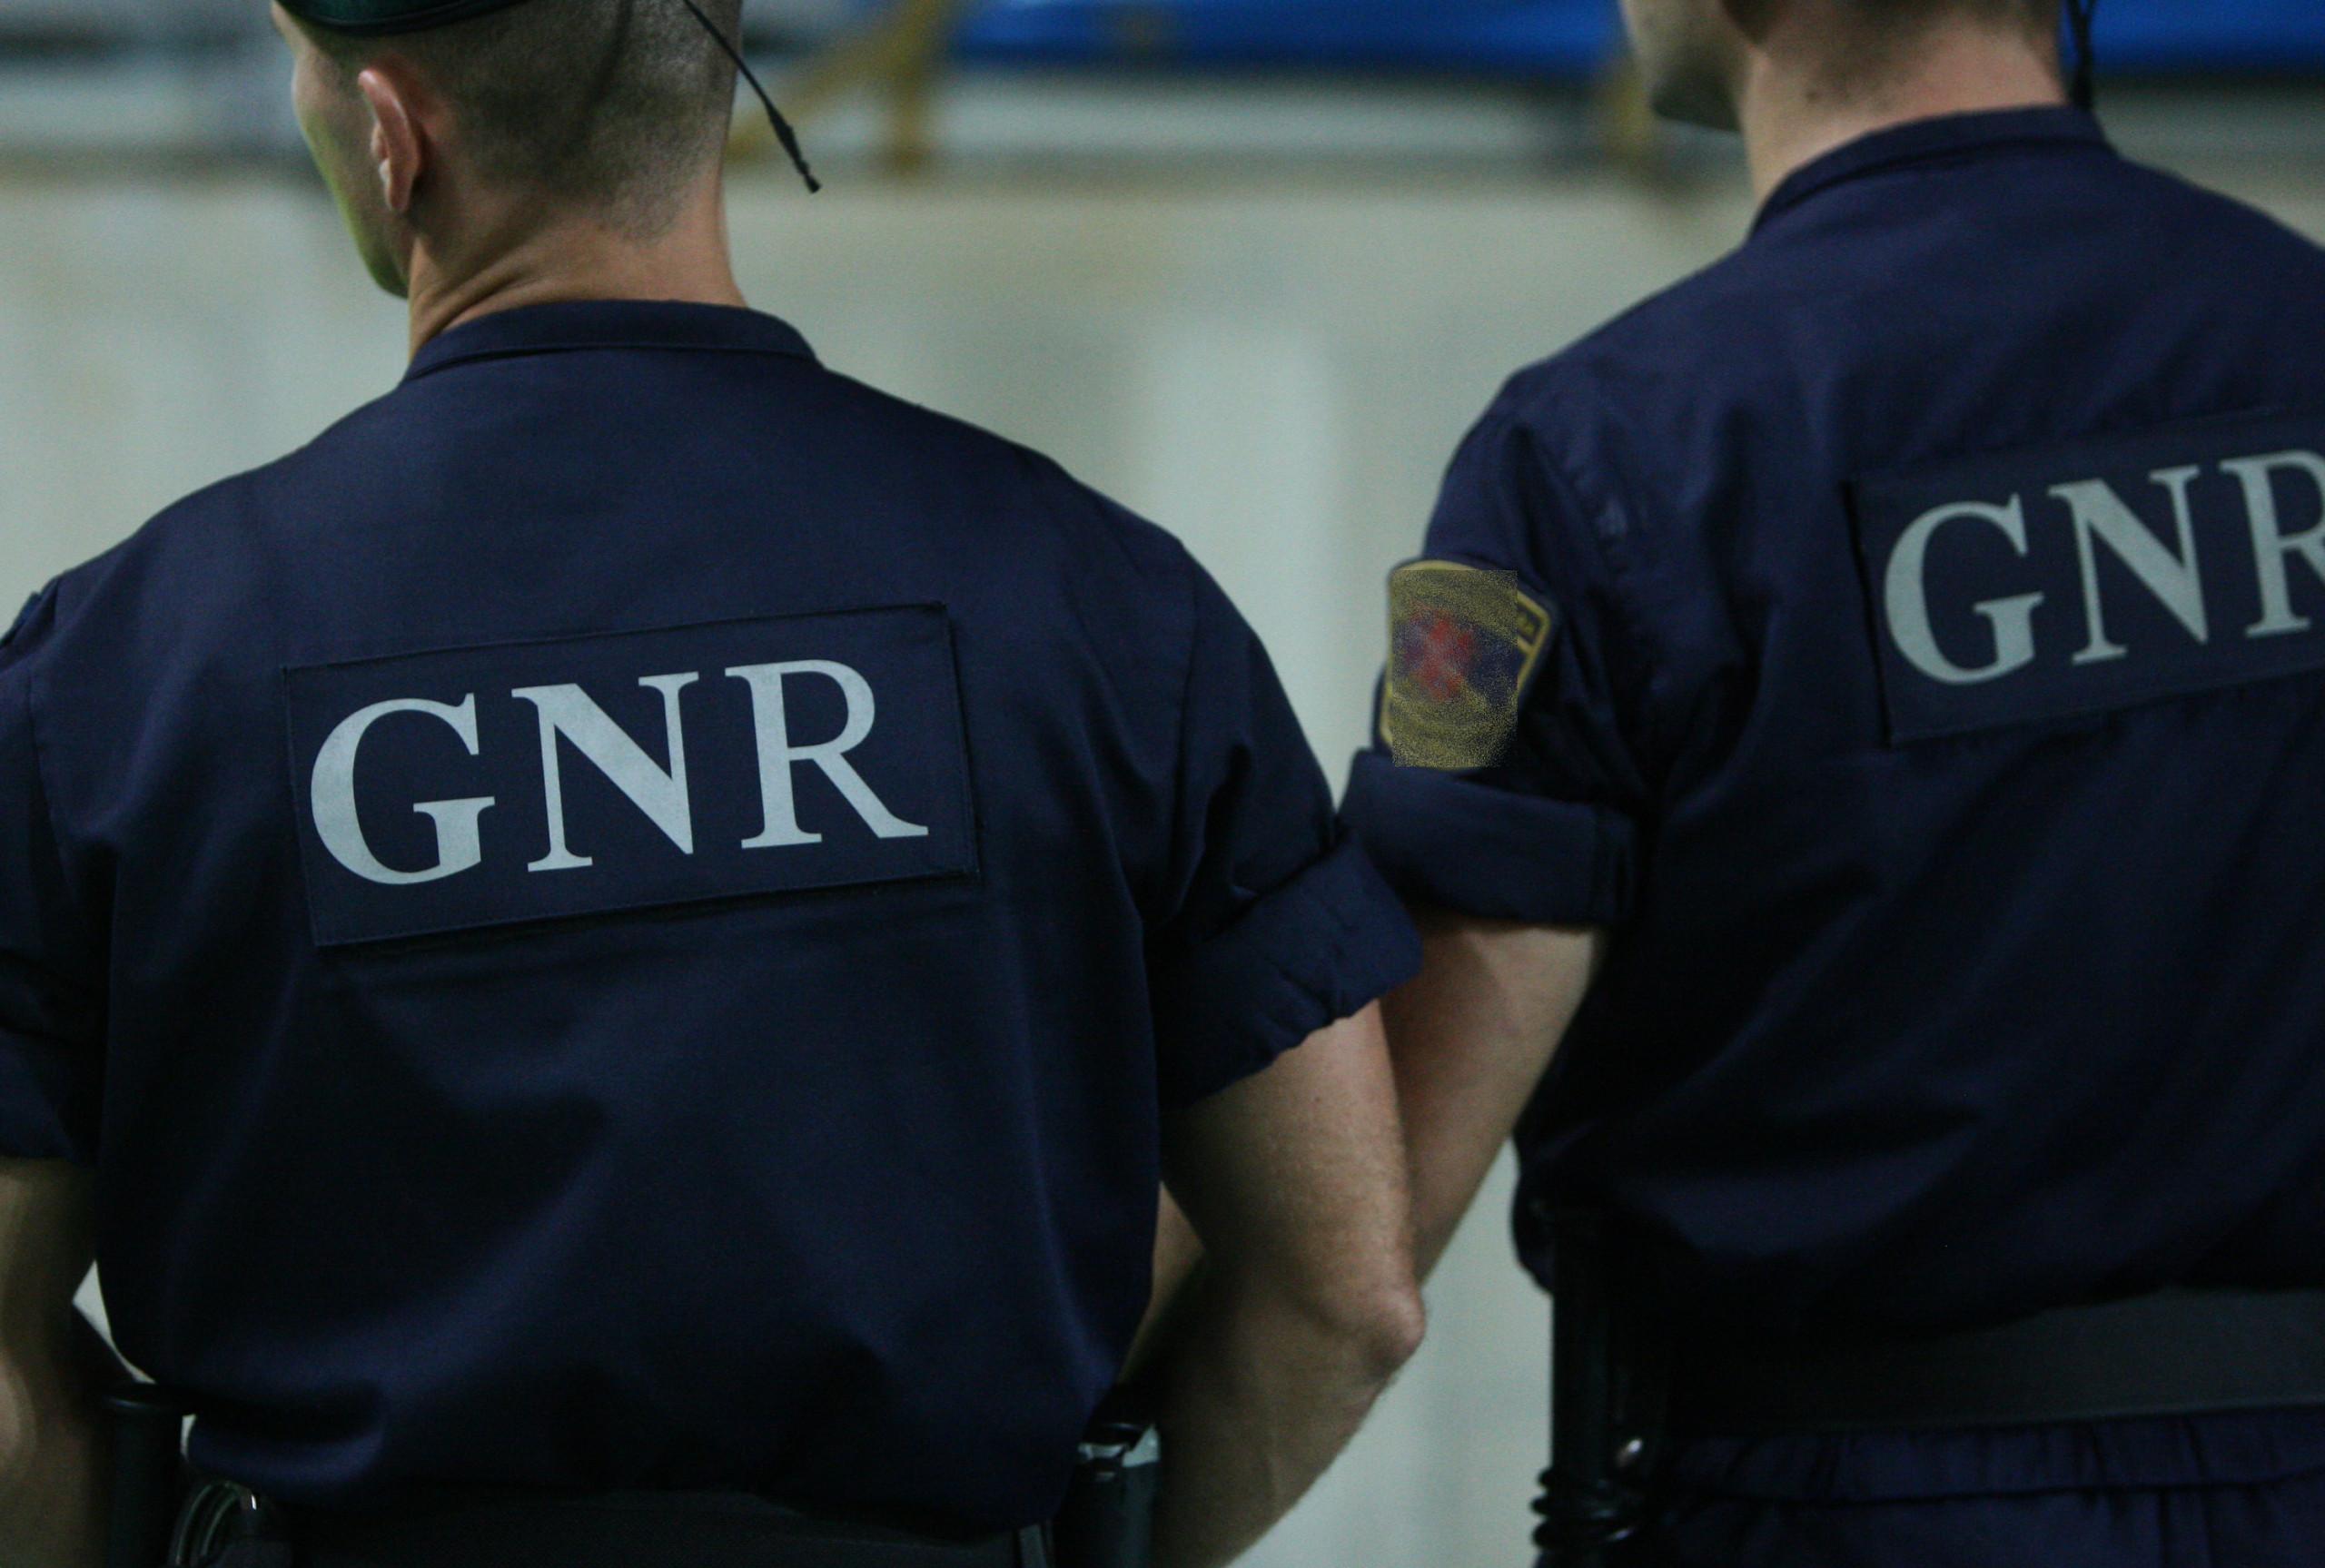 Novos 400 elementos da GNR começam hoje o curso de formação em Portalegre